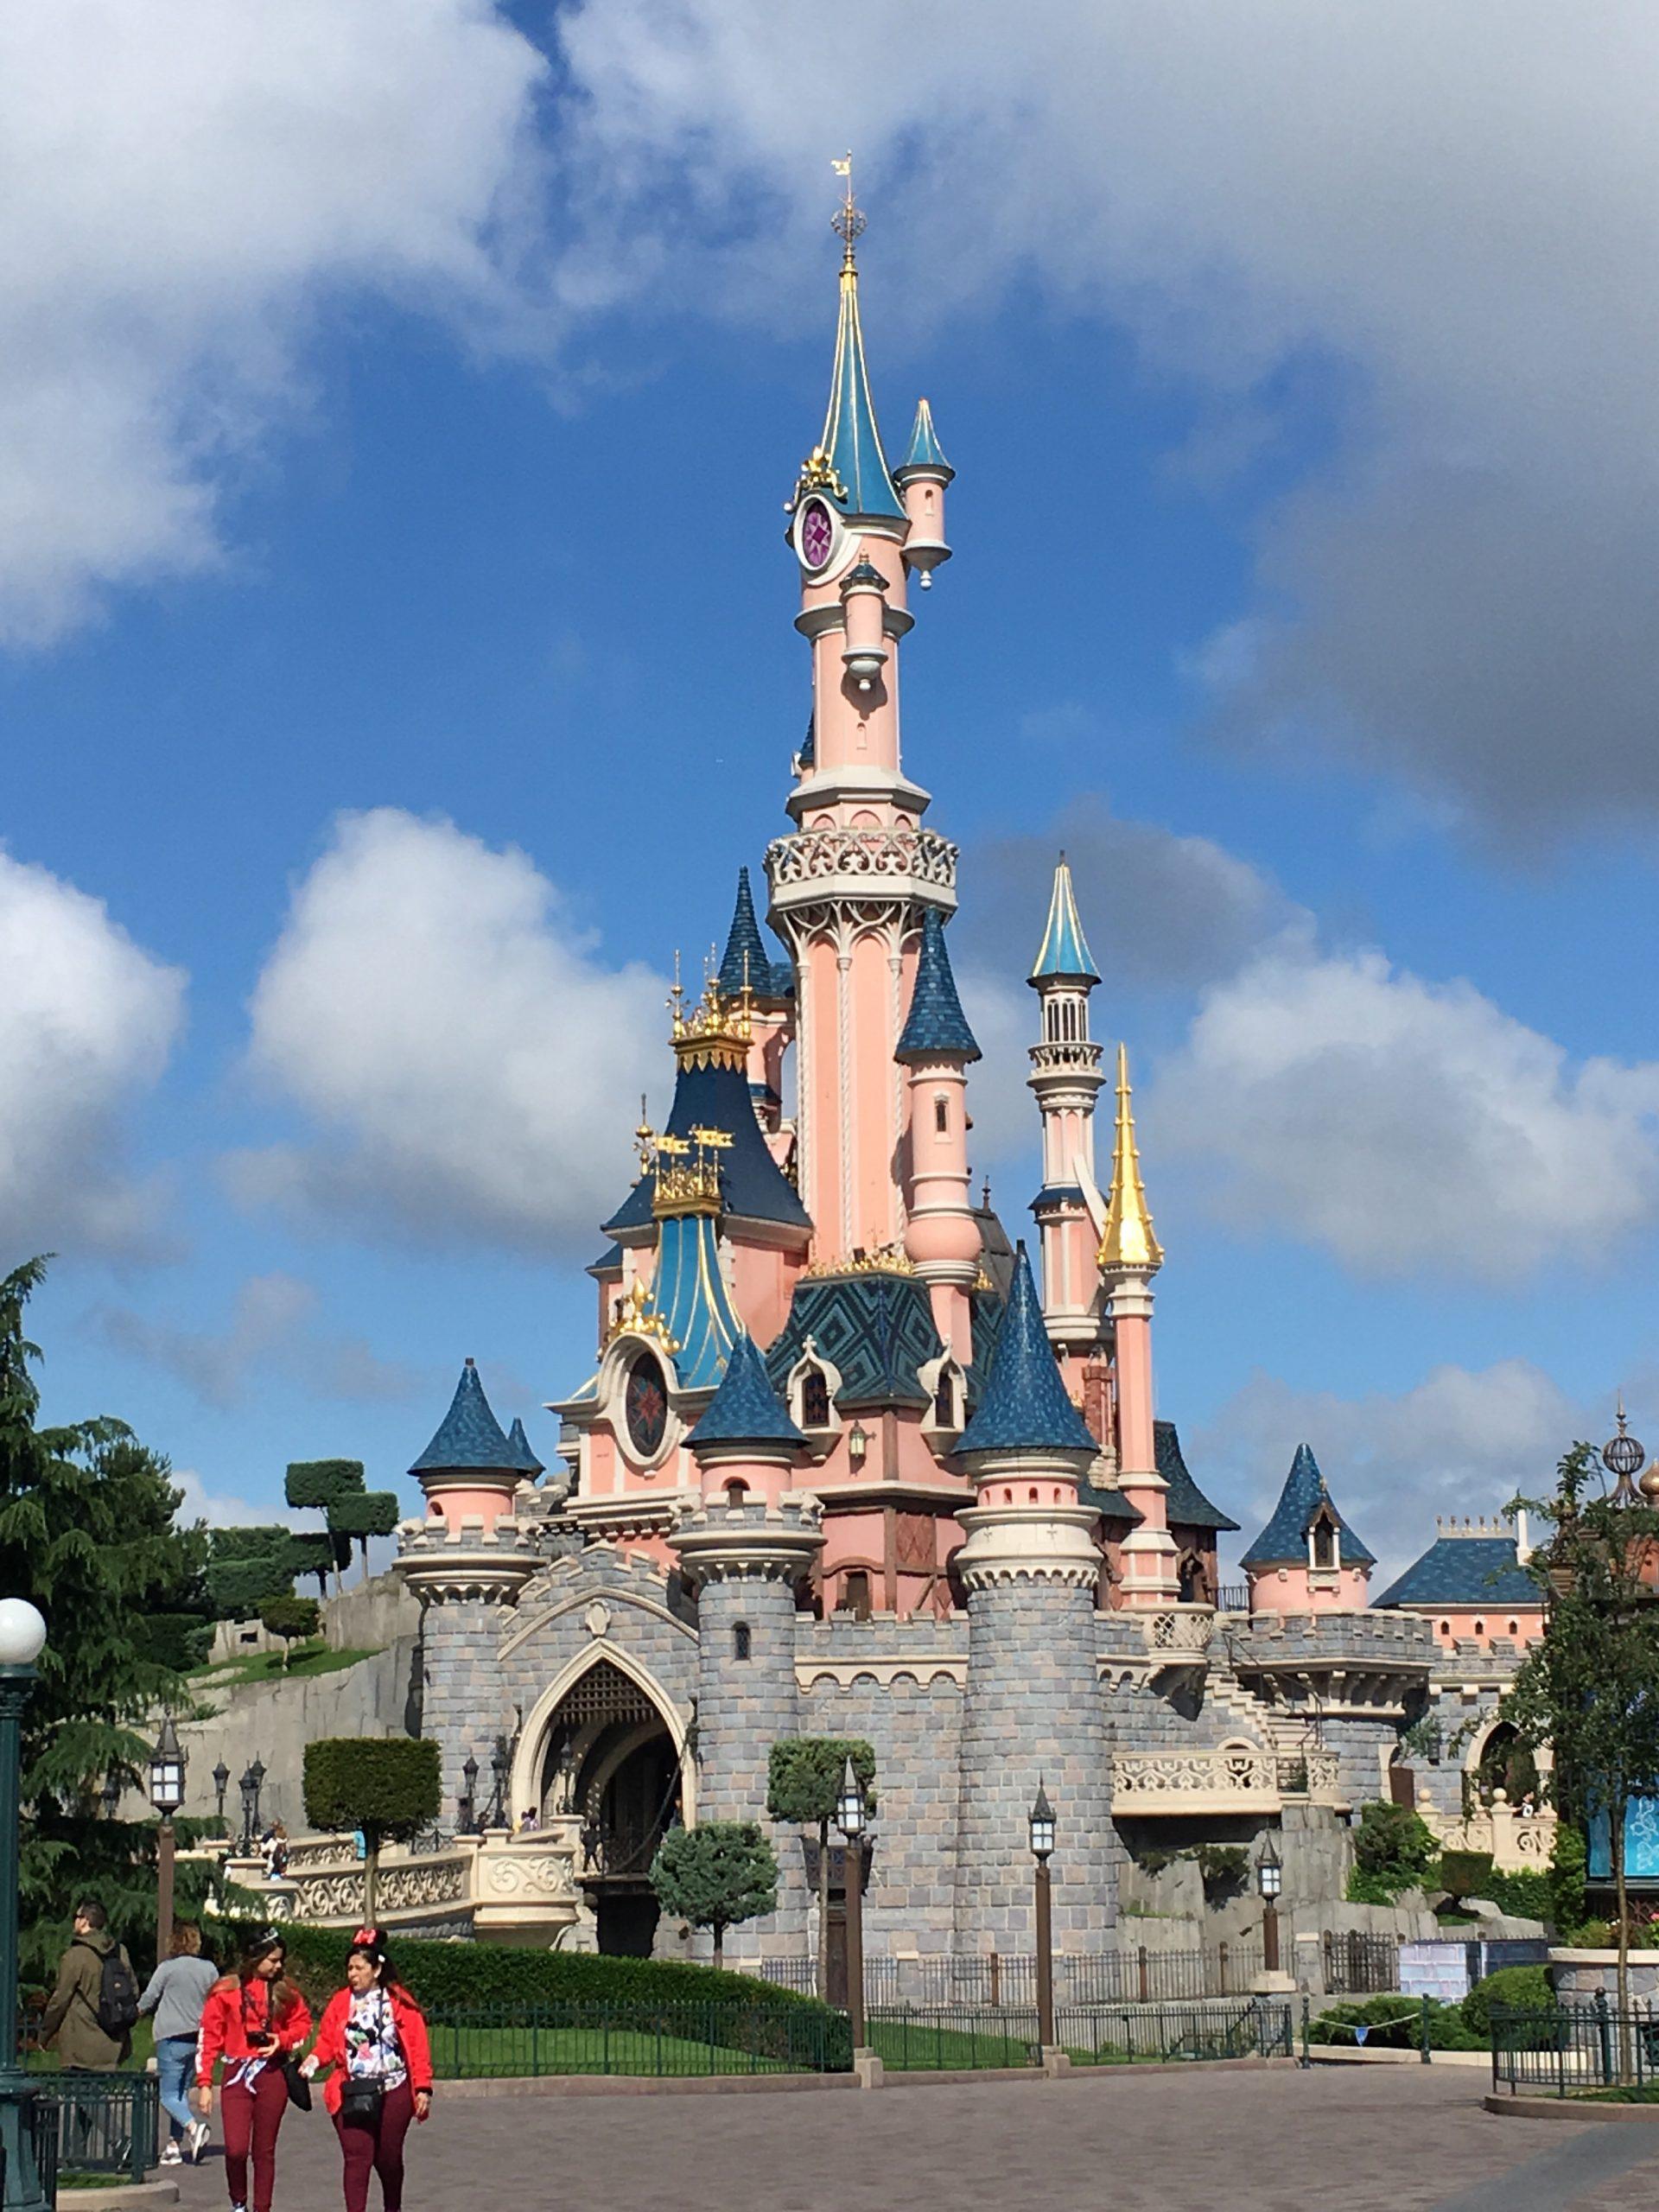 Notre Super Week-End À Disneyland Paris Avec Un Bébé destiné Combien Coute Un Week End A Disneyland Paris